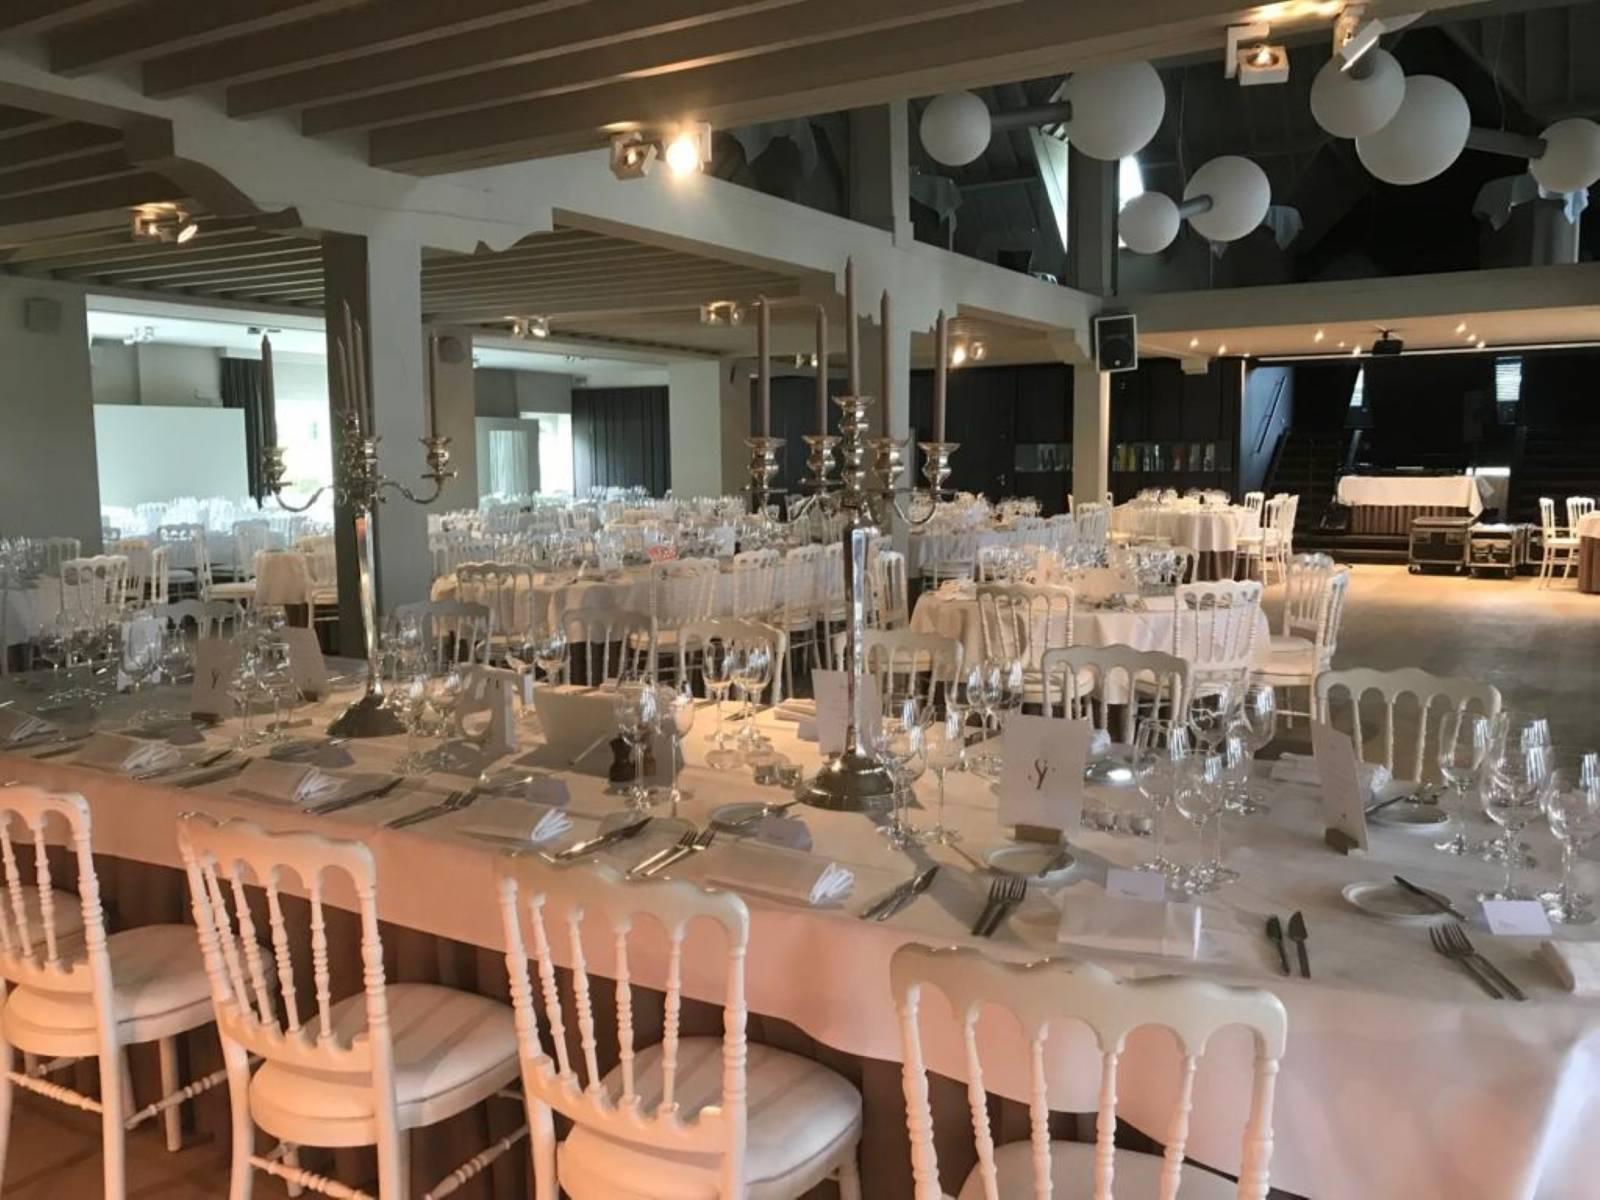 Feestzaal - Klokhof - House of Weddings (1)